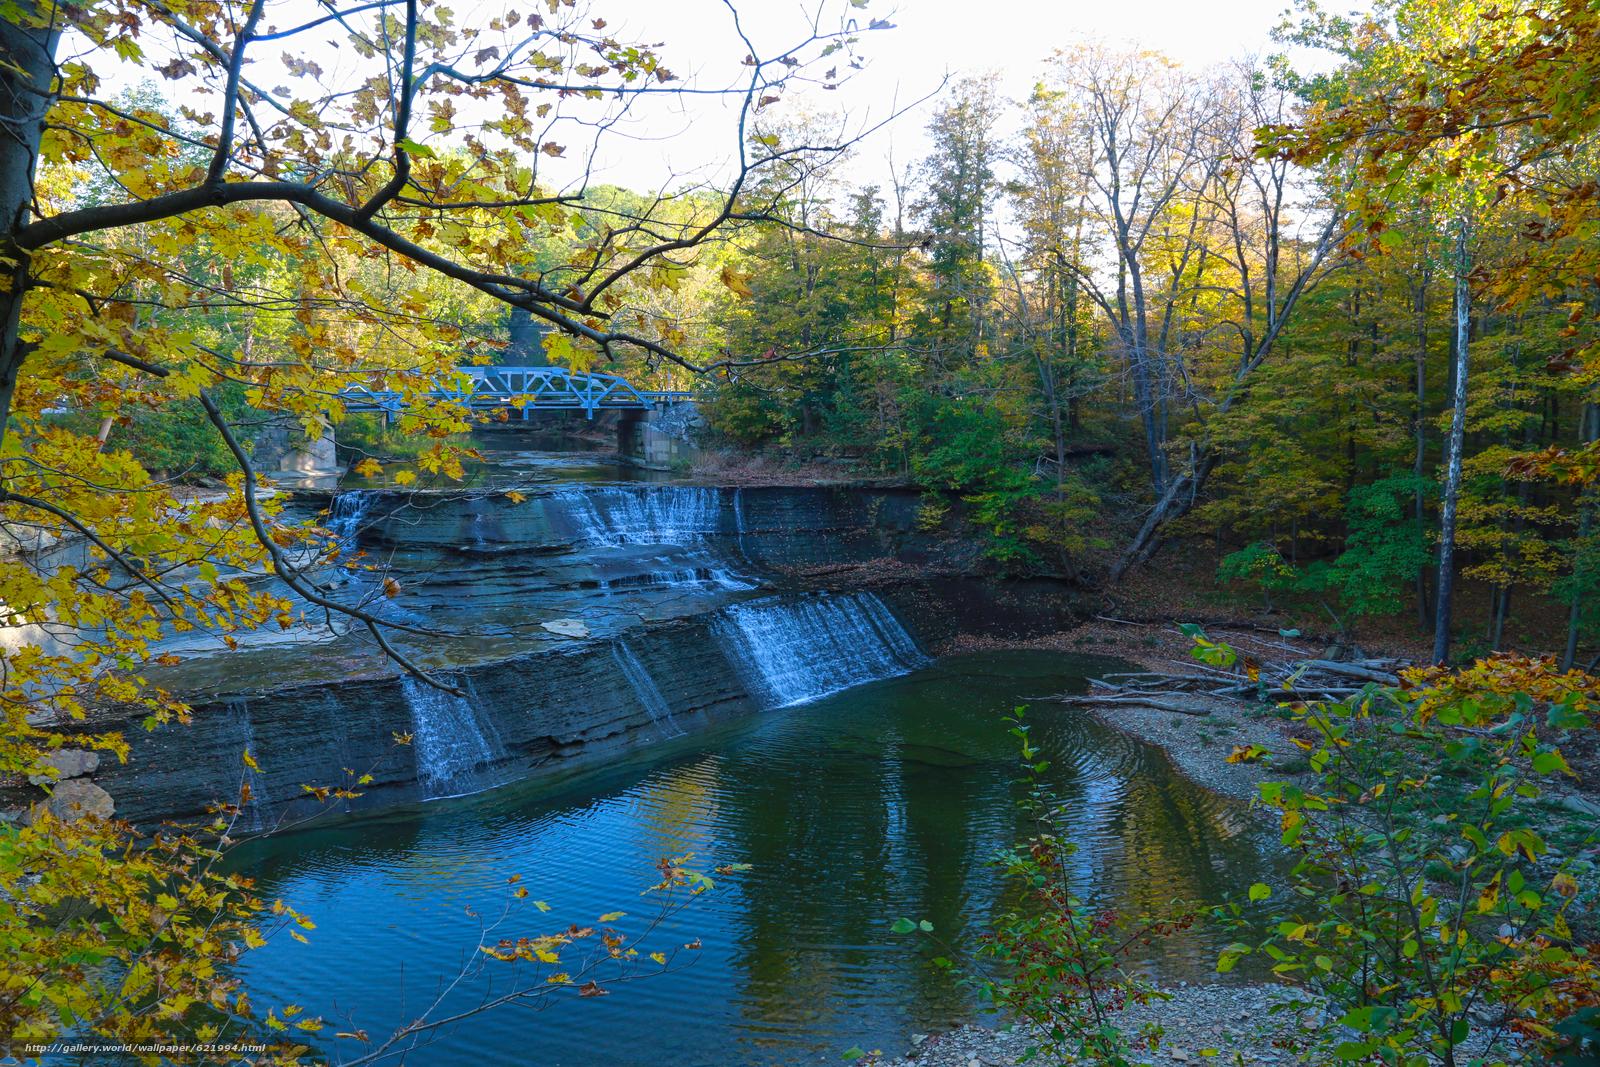 Tlcharger Fond d'ecran automne,  forêt,  arbres,  cascade Fonds d'ecran gratuits pour votre rsolution du bureau 5760x3840 — image №621994